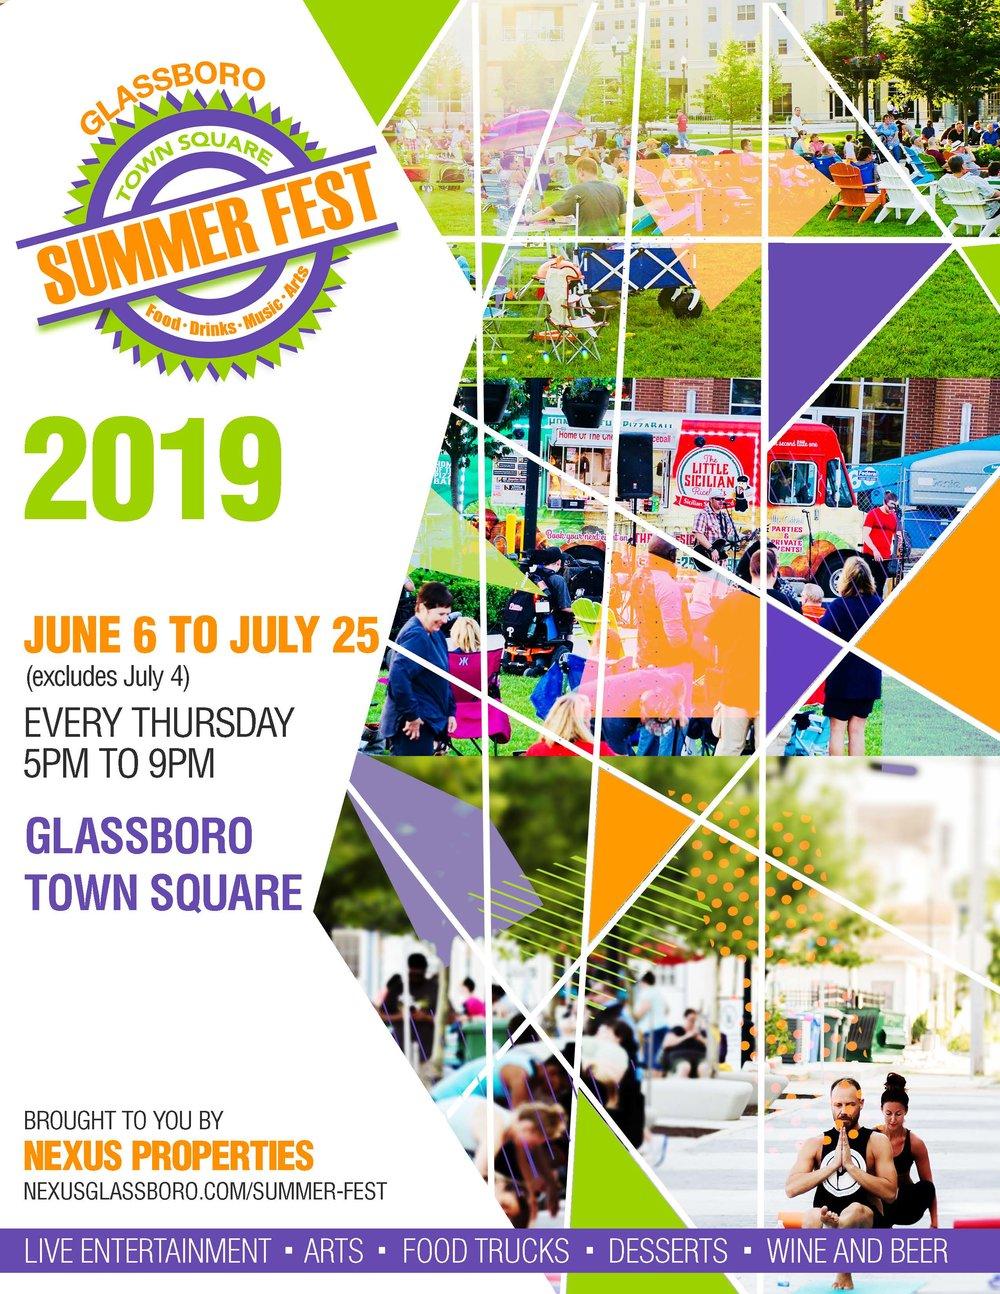 Glassboro Summer Fest Flyer 2019.jpg